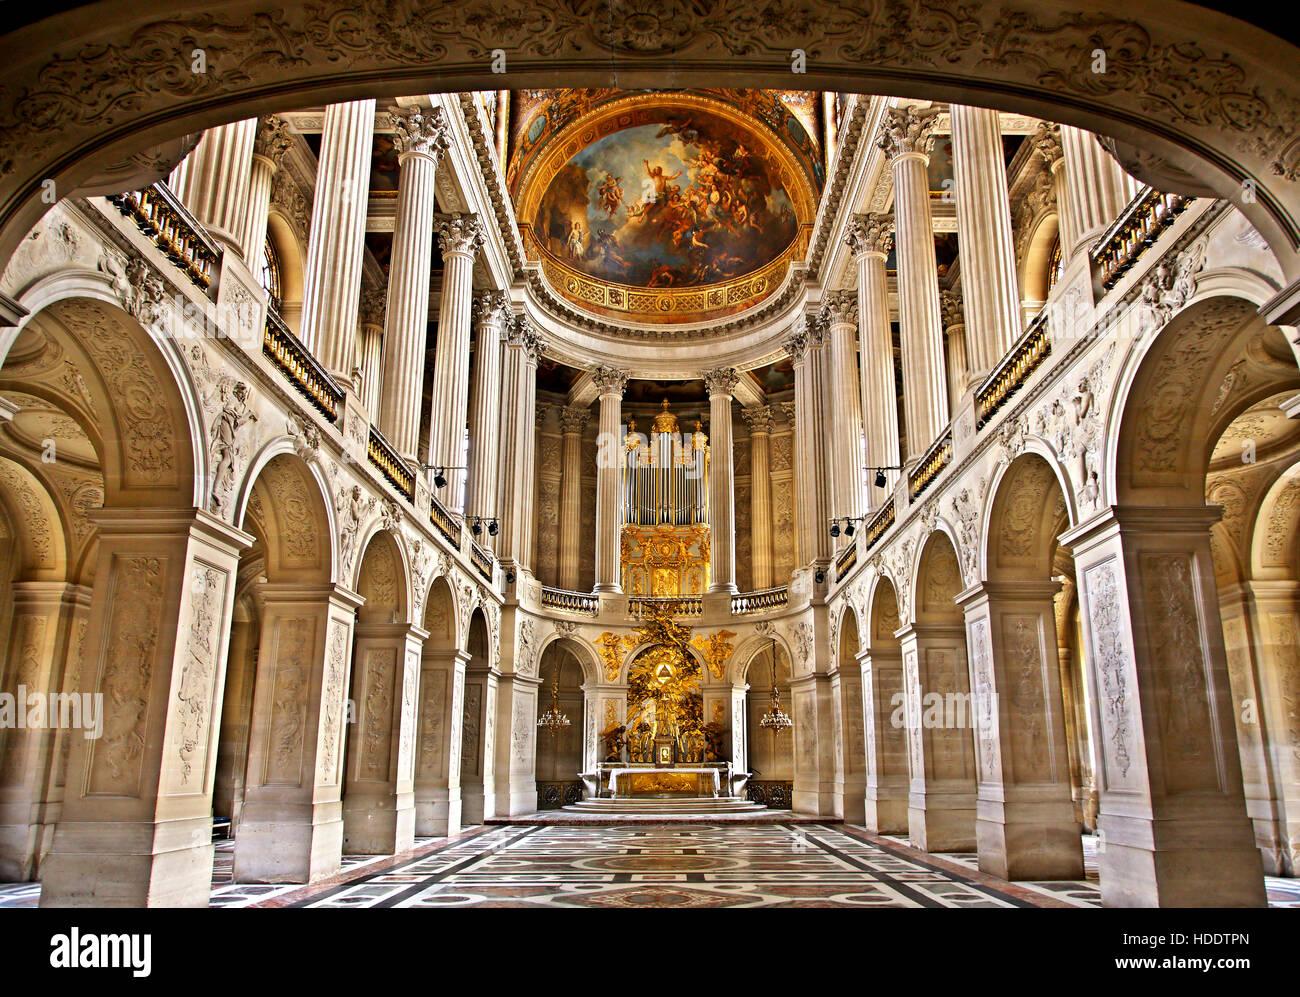 Galleria nel palazzo di Versailles, Francia. Foto Stock